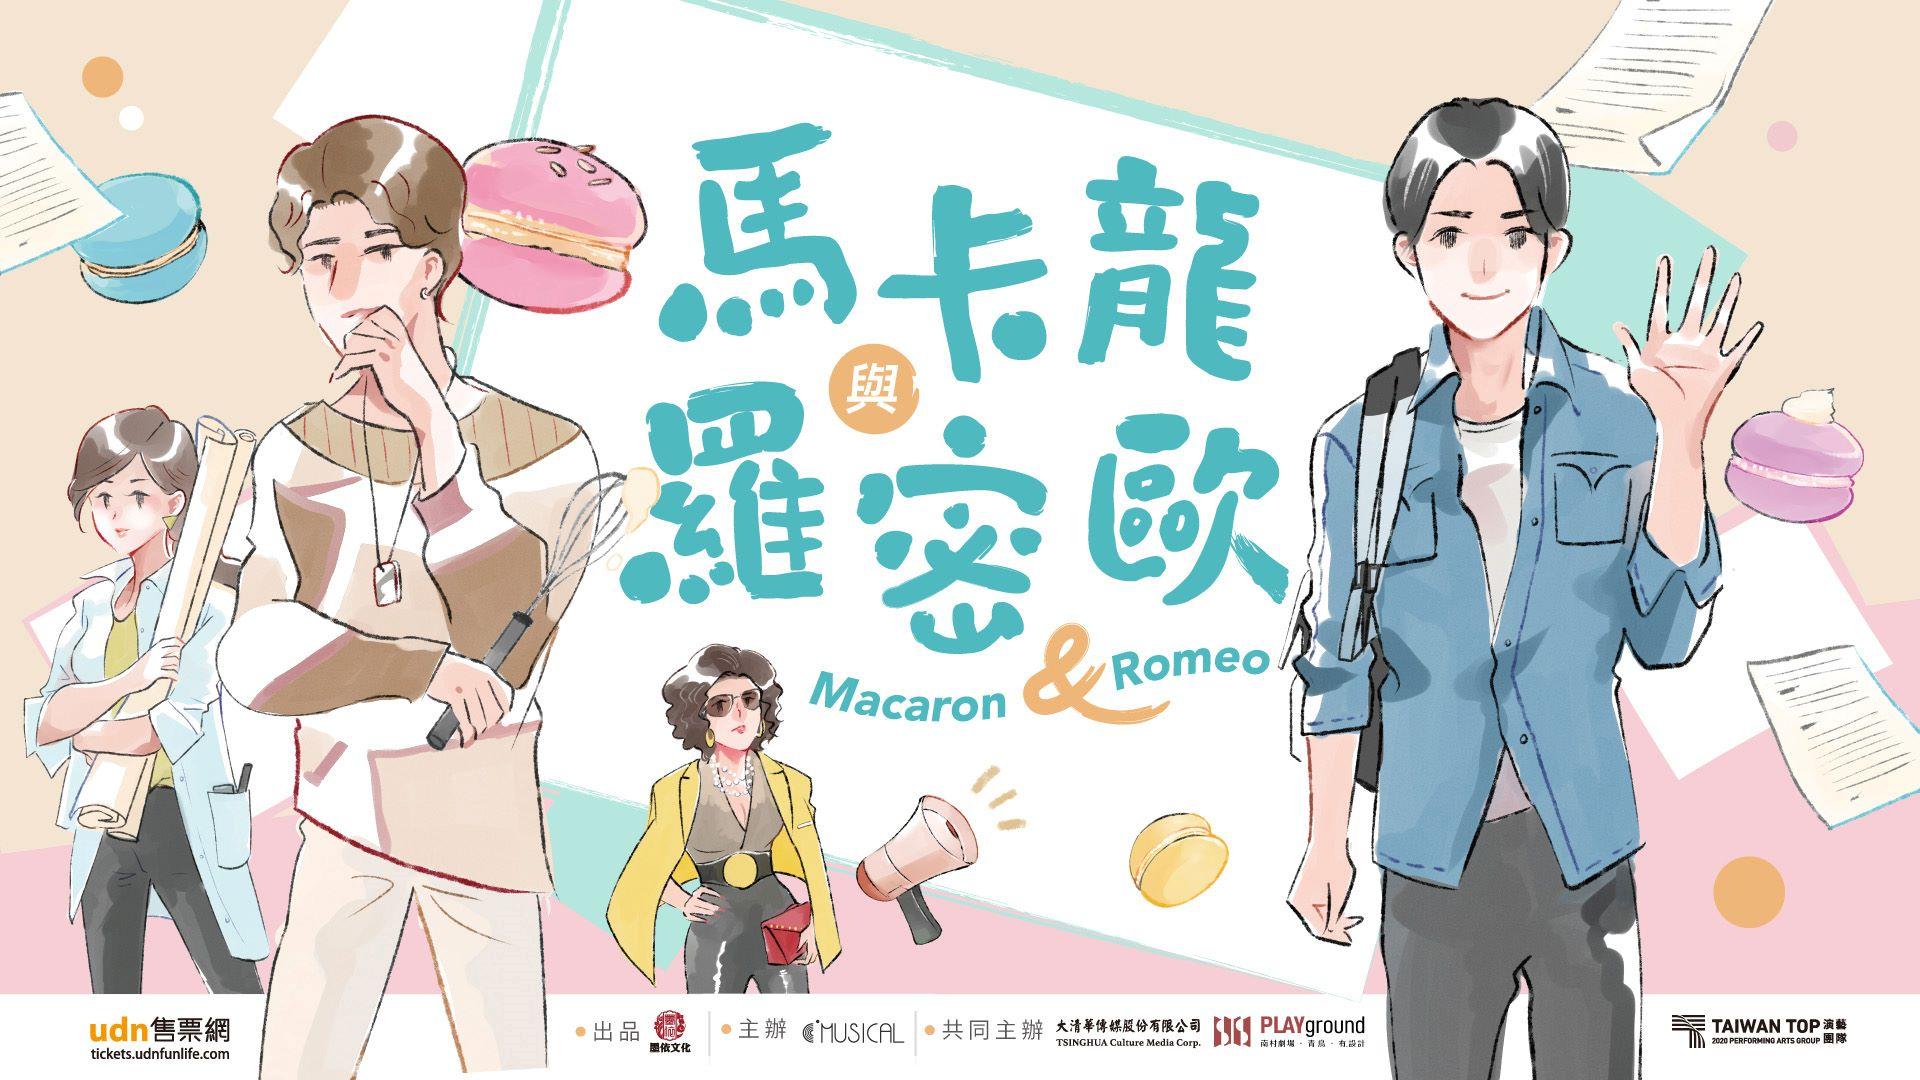 【2020 PLAYground 南村劇場 第1季系列】《馬卡龍與羅密歐》華麗讀劇版